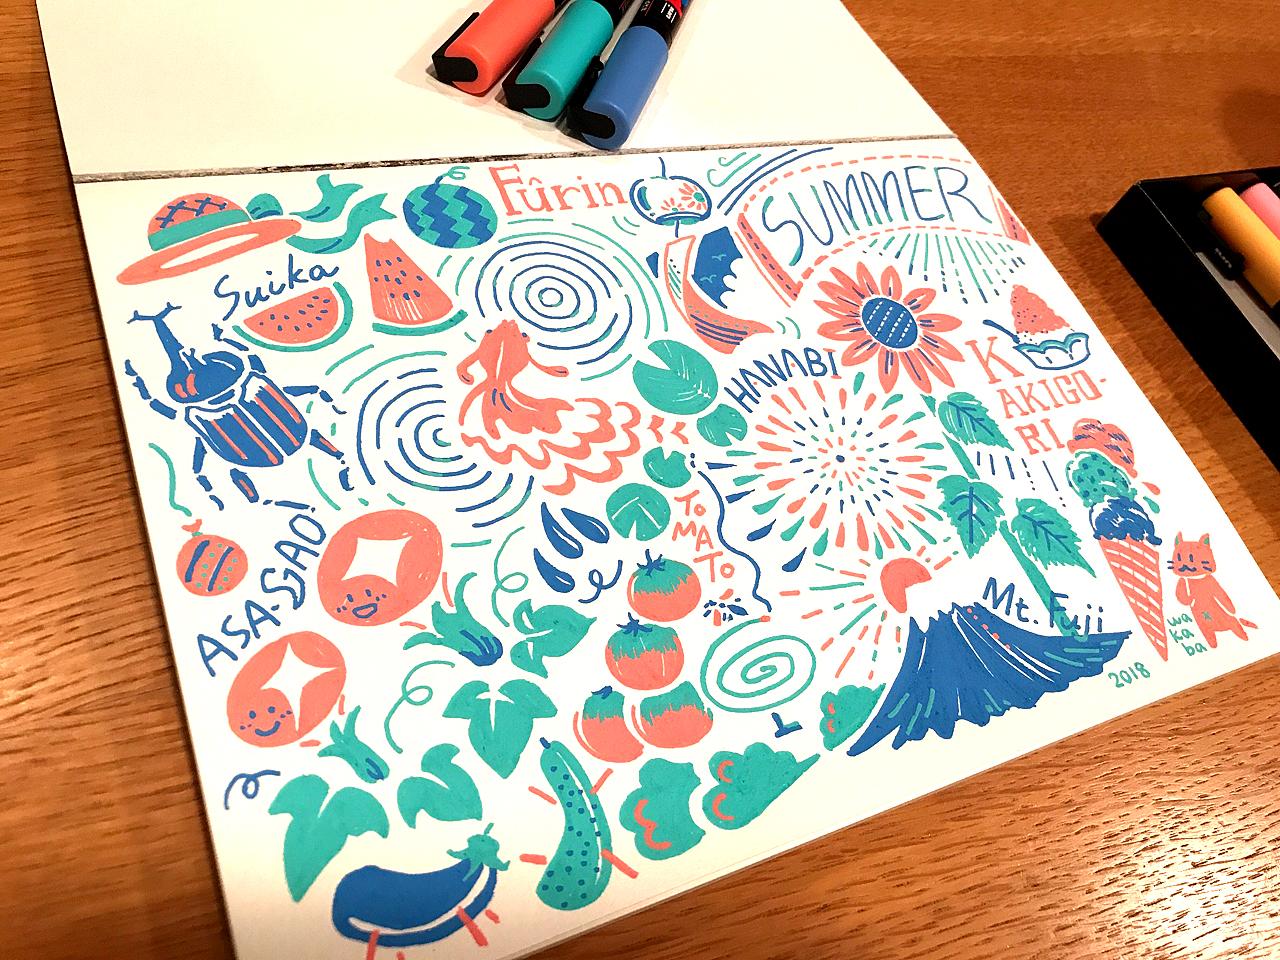 ポスカ3色を使った夏のイラスト